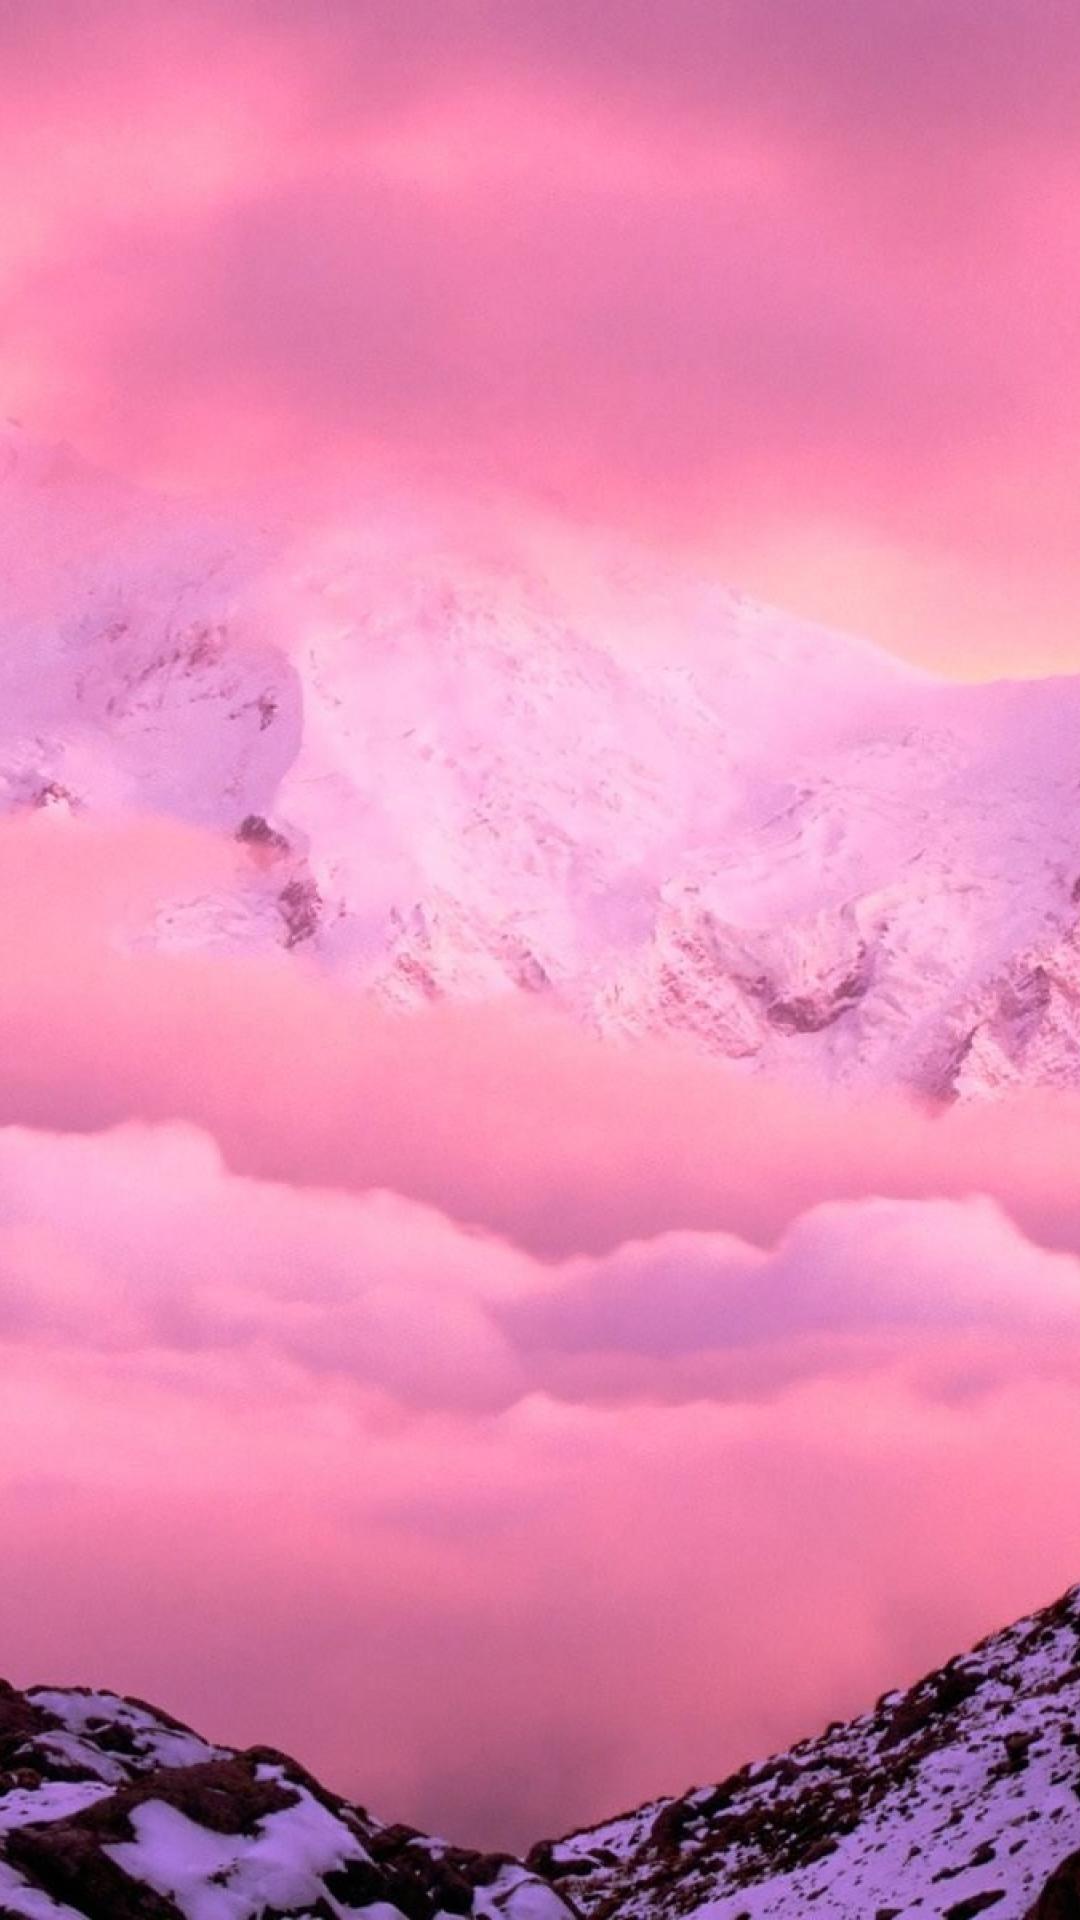 Sfondi Tumblr iPhone 6 81+ immagini